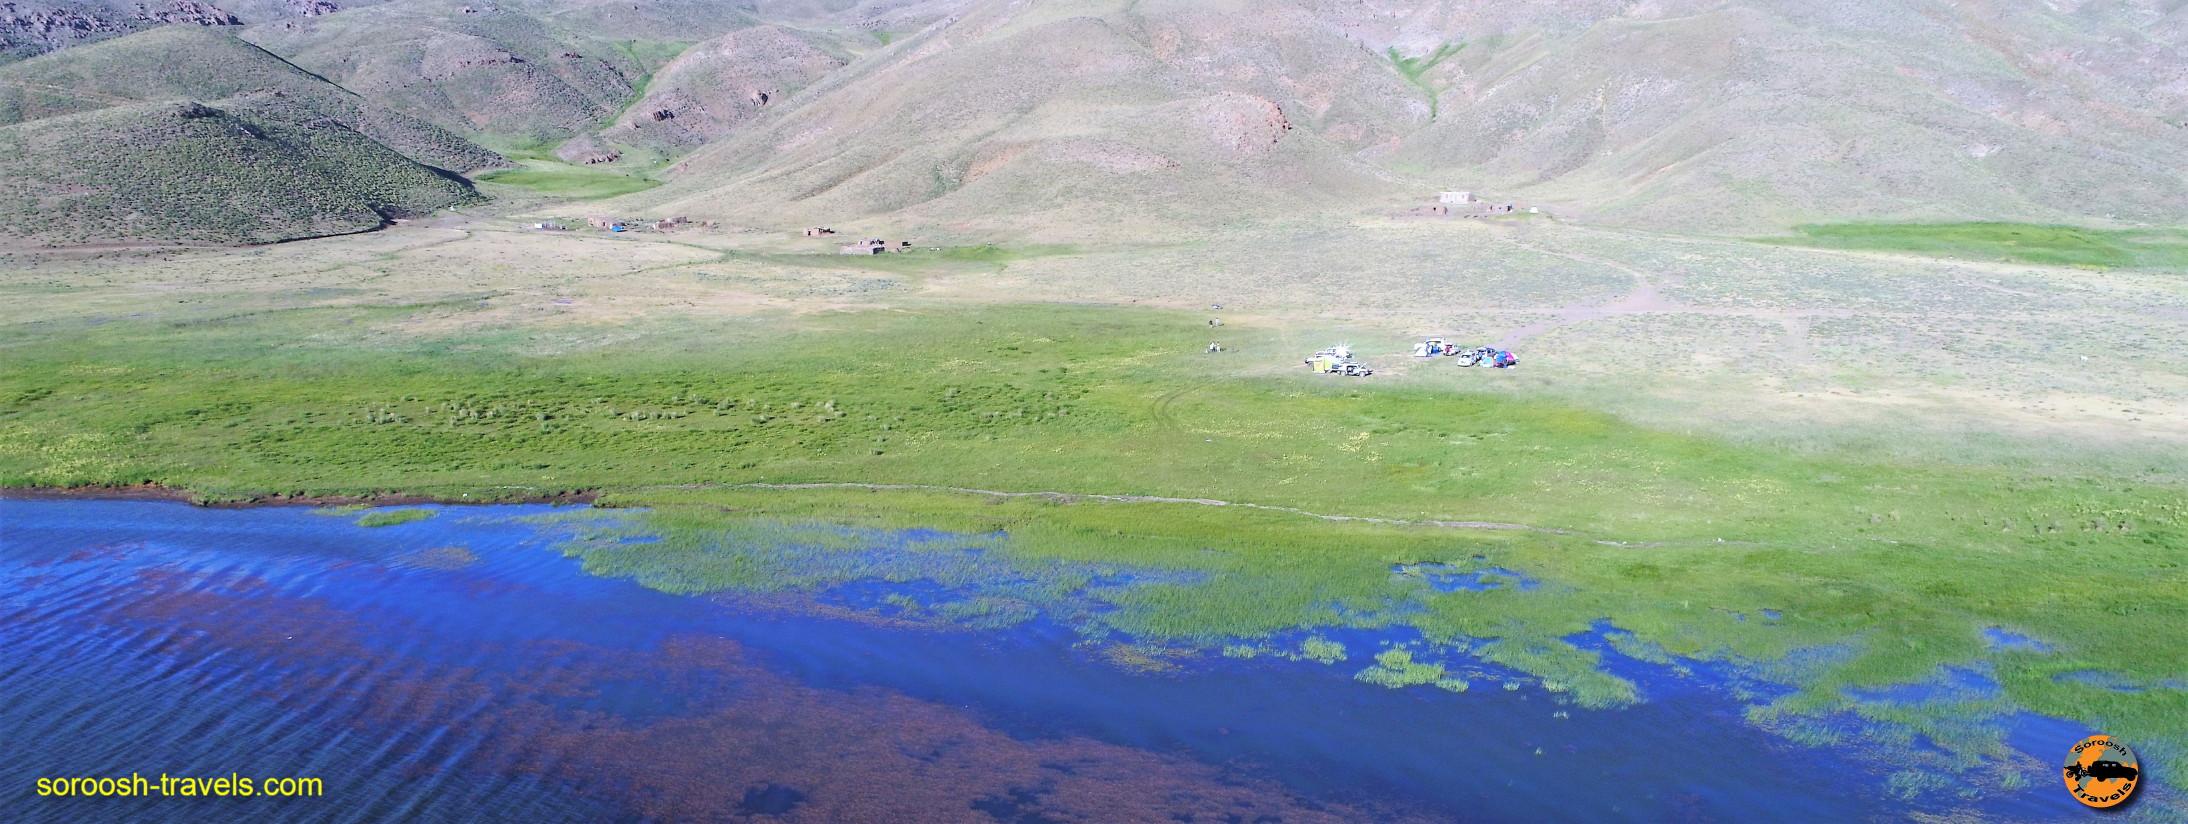 راهنمای دریاچه نئور - تابستان ۱۳۹۶